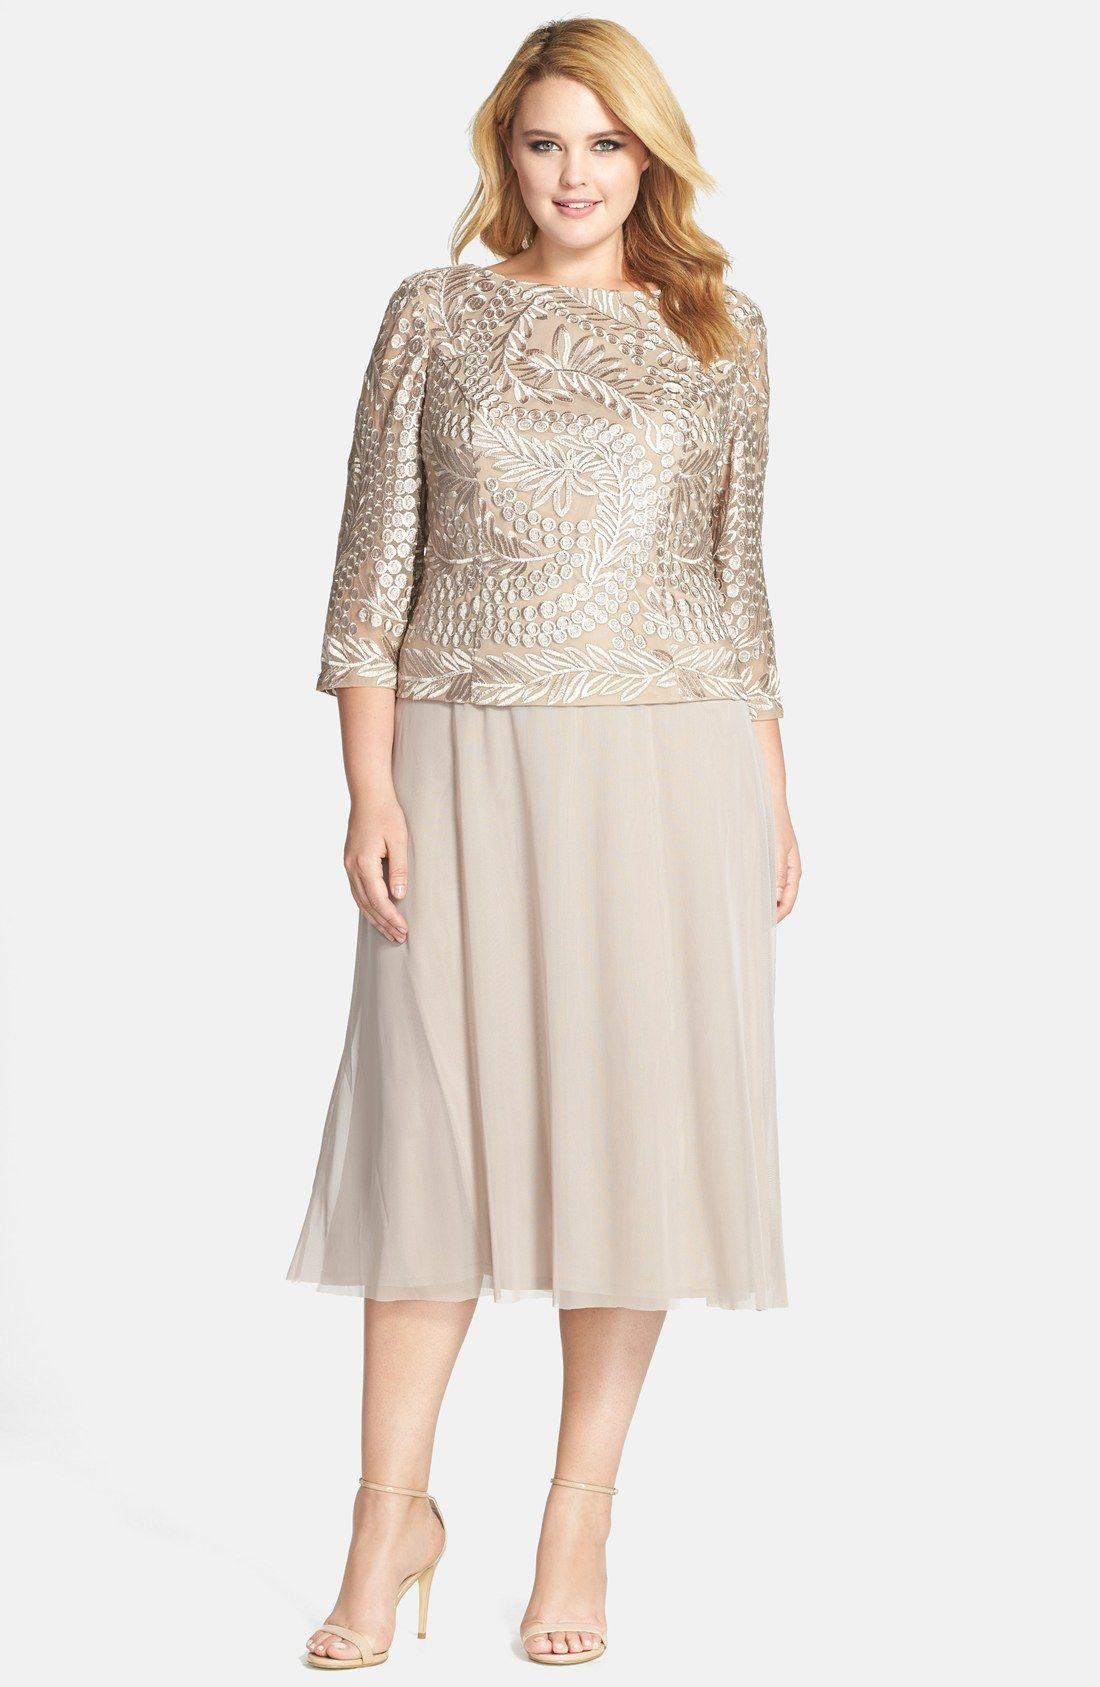 tea length formal dresses plus size images - dresses design ideas